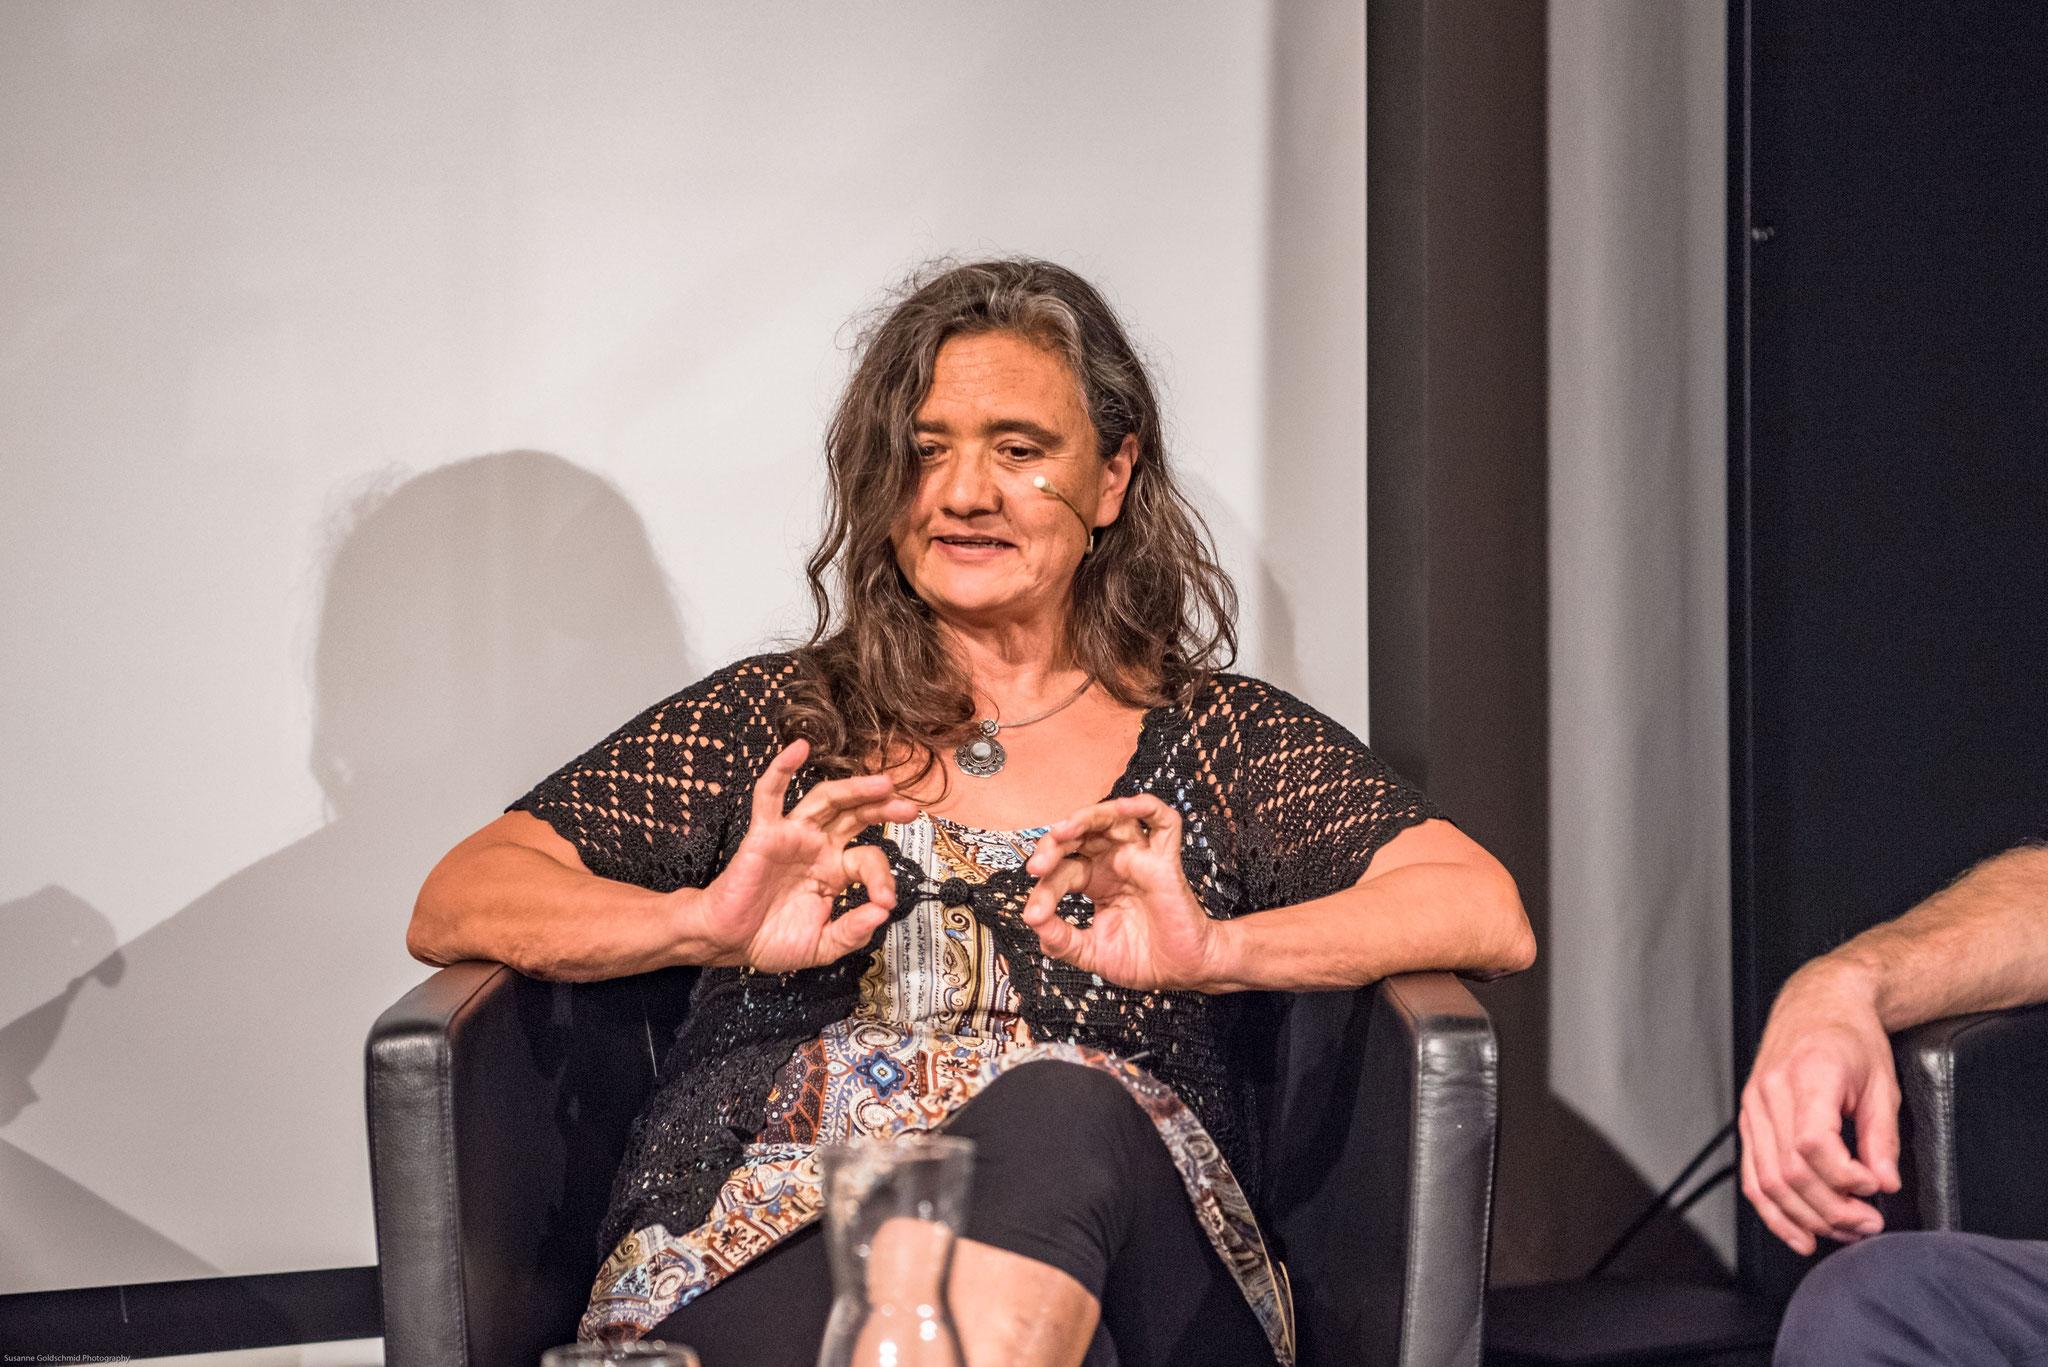 Bettina Scharrer (Centre interdisciplinaire pour le dévelopement durable et l'environnement, Université de Berne)